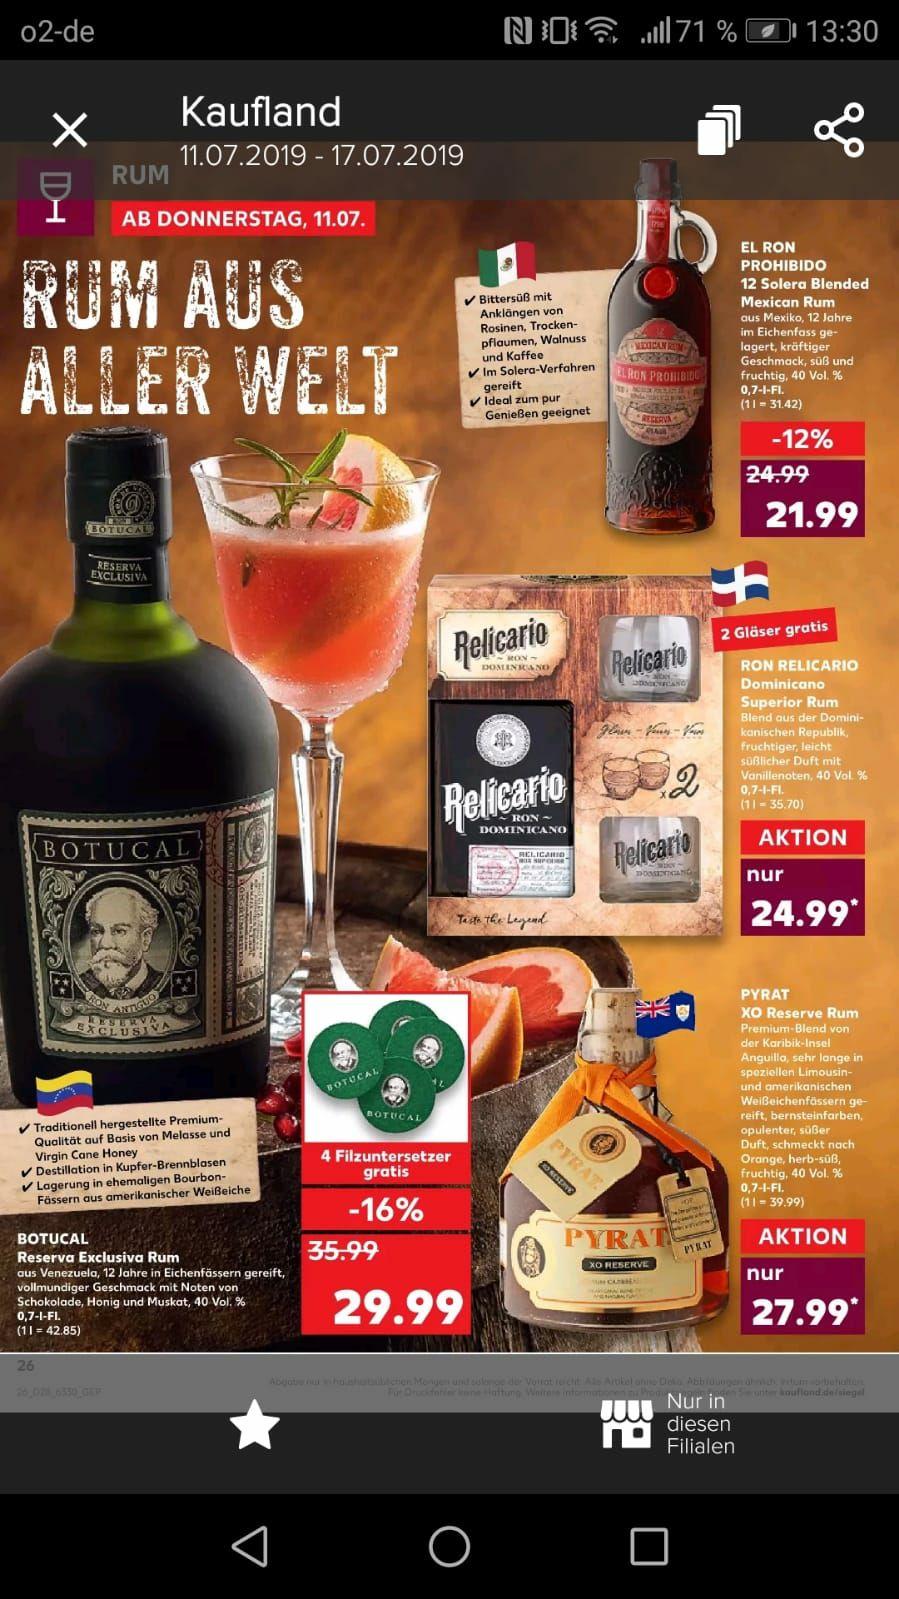 [Kaufland] Diverse Rum Sorten ab 11.07. z.B. Botucal 29,99€, Ron Relicario 24,99€ und weitere...